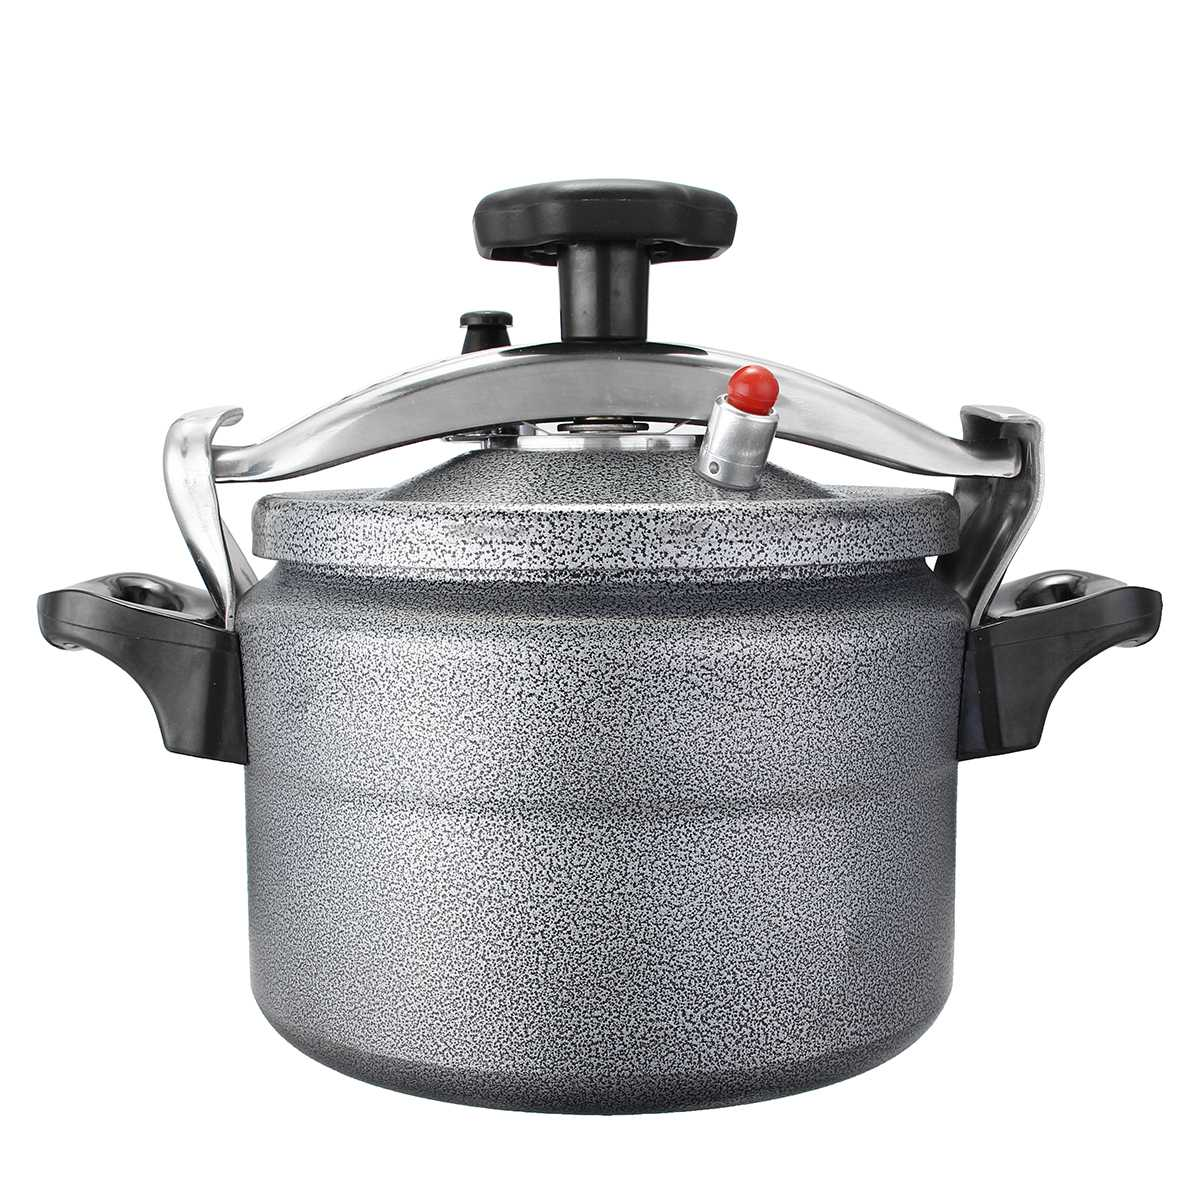 Explosão-Prova de alumínio Panela de Pressão Panela de Arroz Fogão de Cozinha de Acampamento Ao Ar Livre Pote Viagem Panela de Pressão Alta Altitude 3L